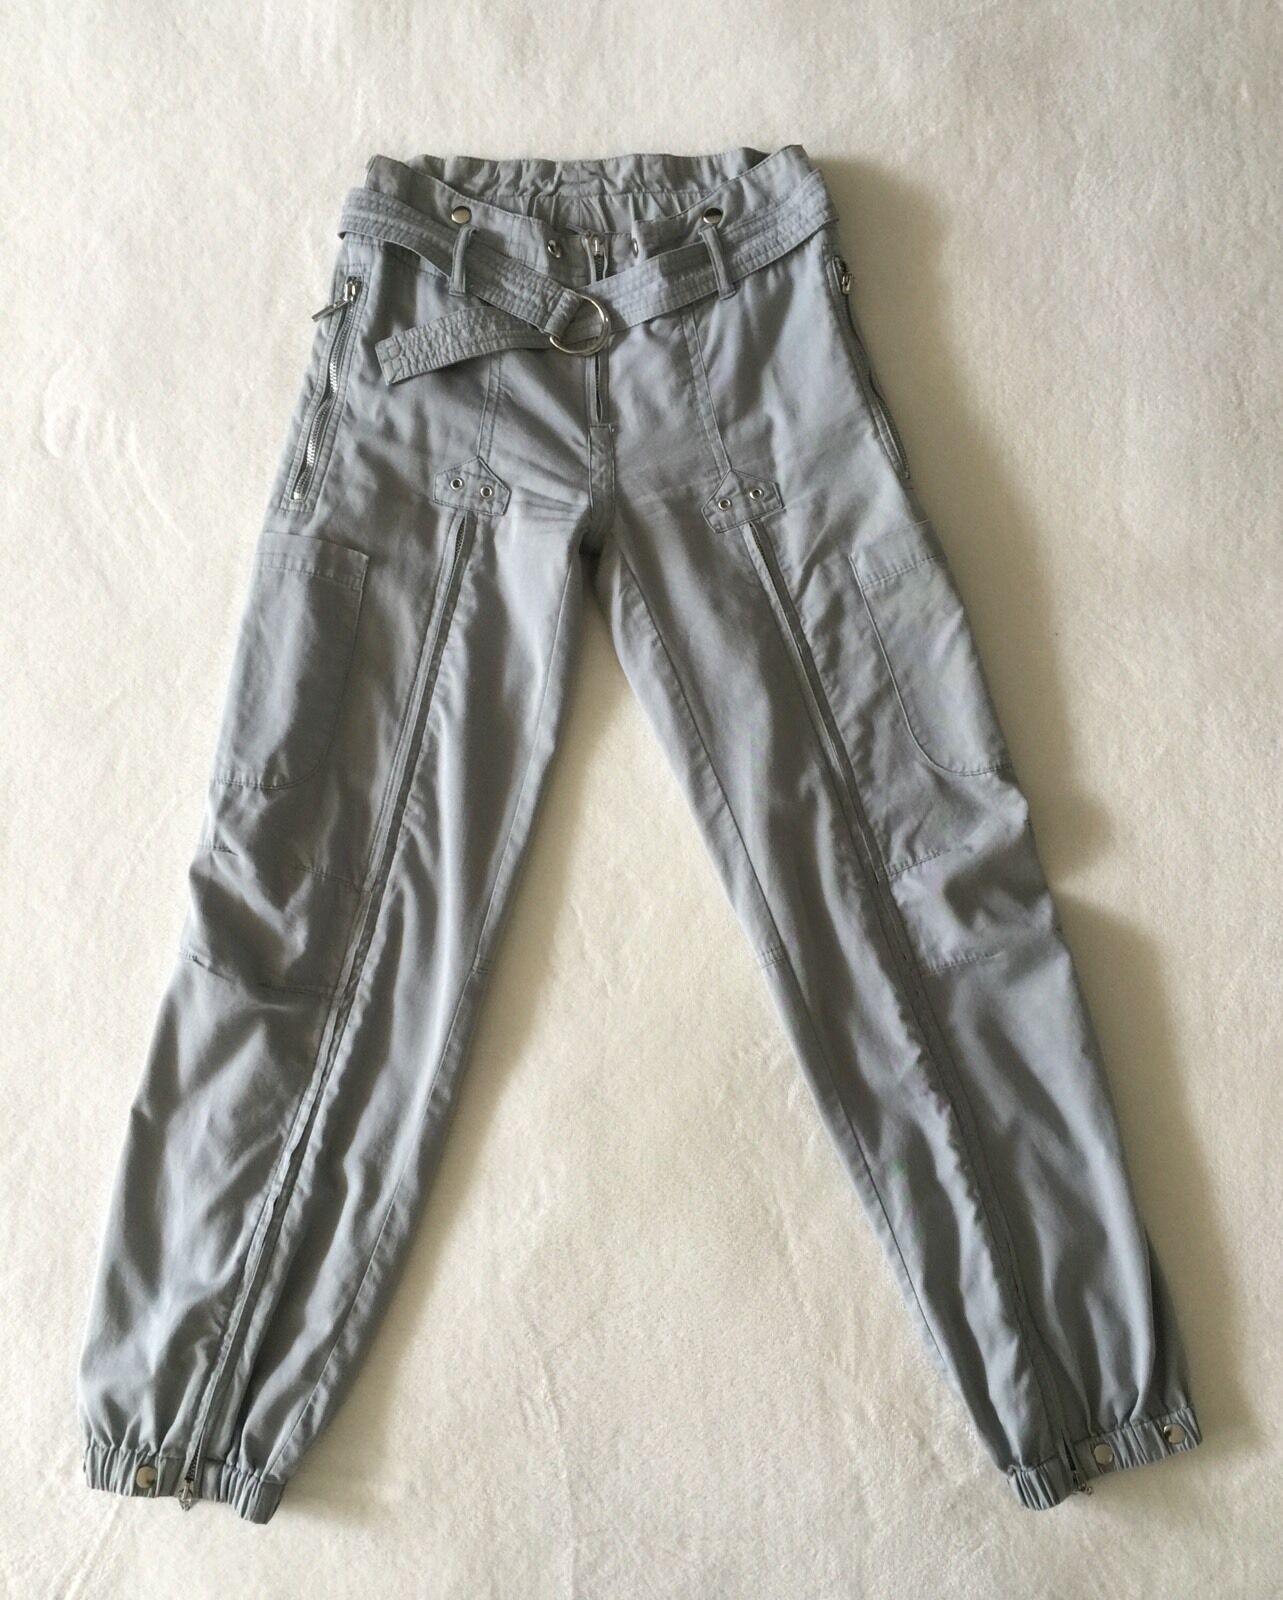 PLEIN SUD JEANS WOMAN LEGS ZIPPER PANTS GREY SIZE  40 8